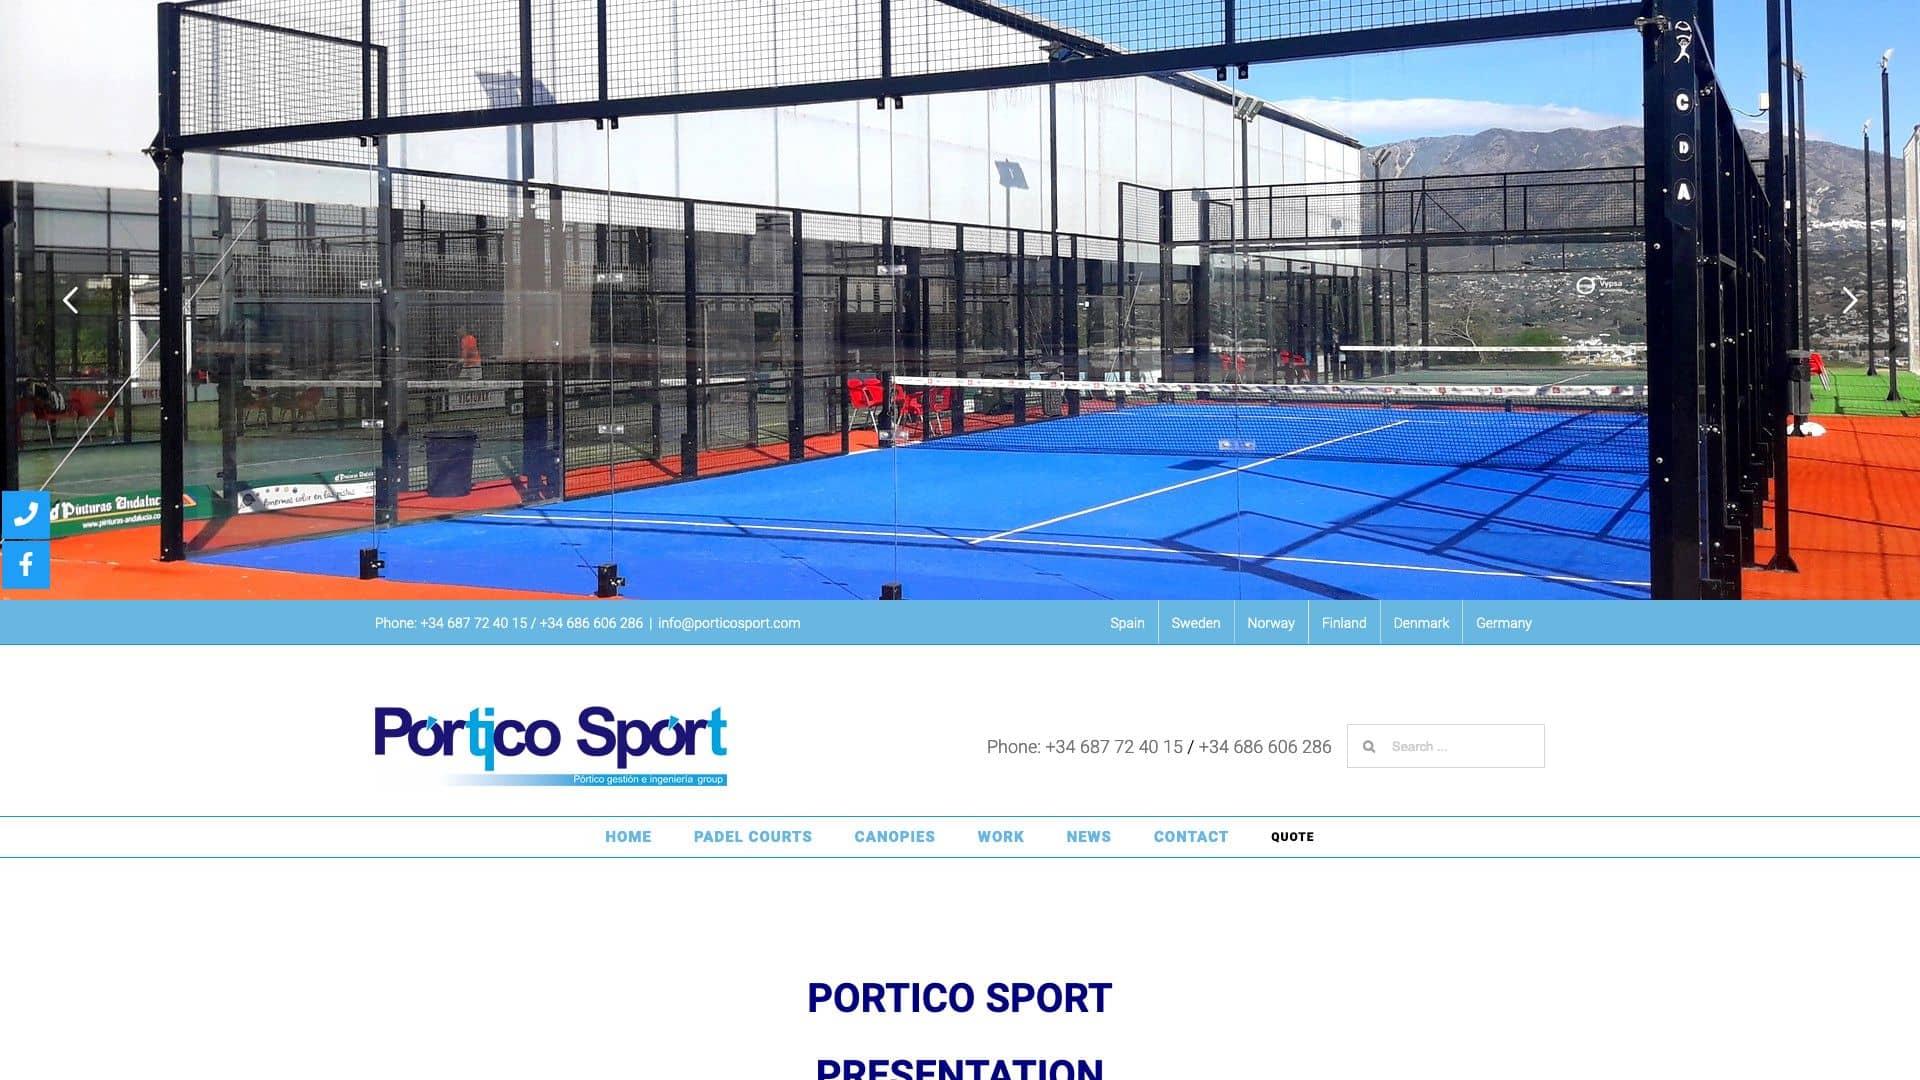 Pórtico Sport